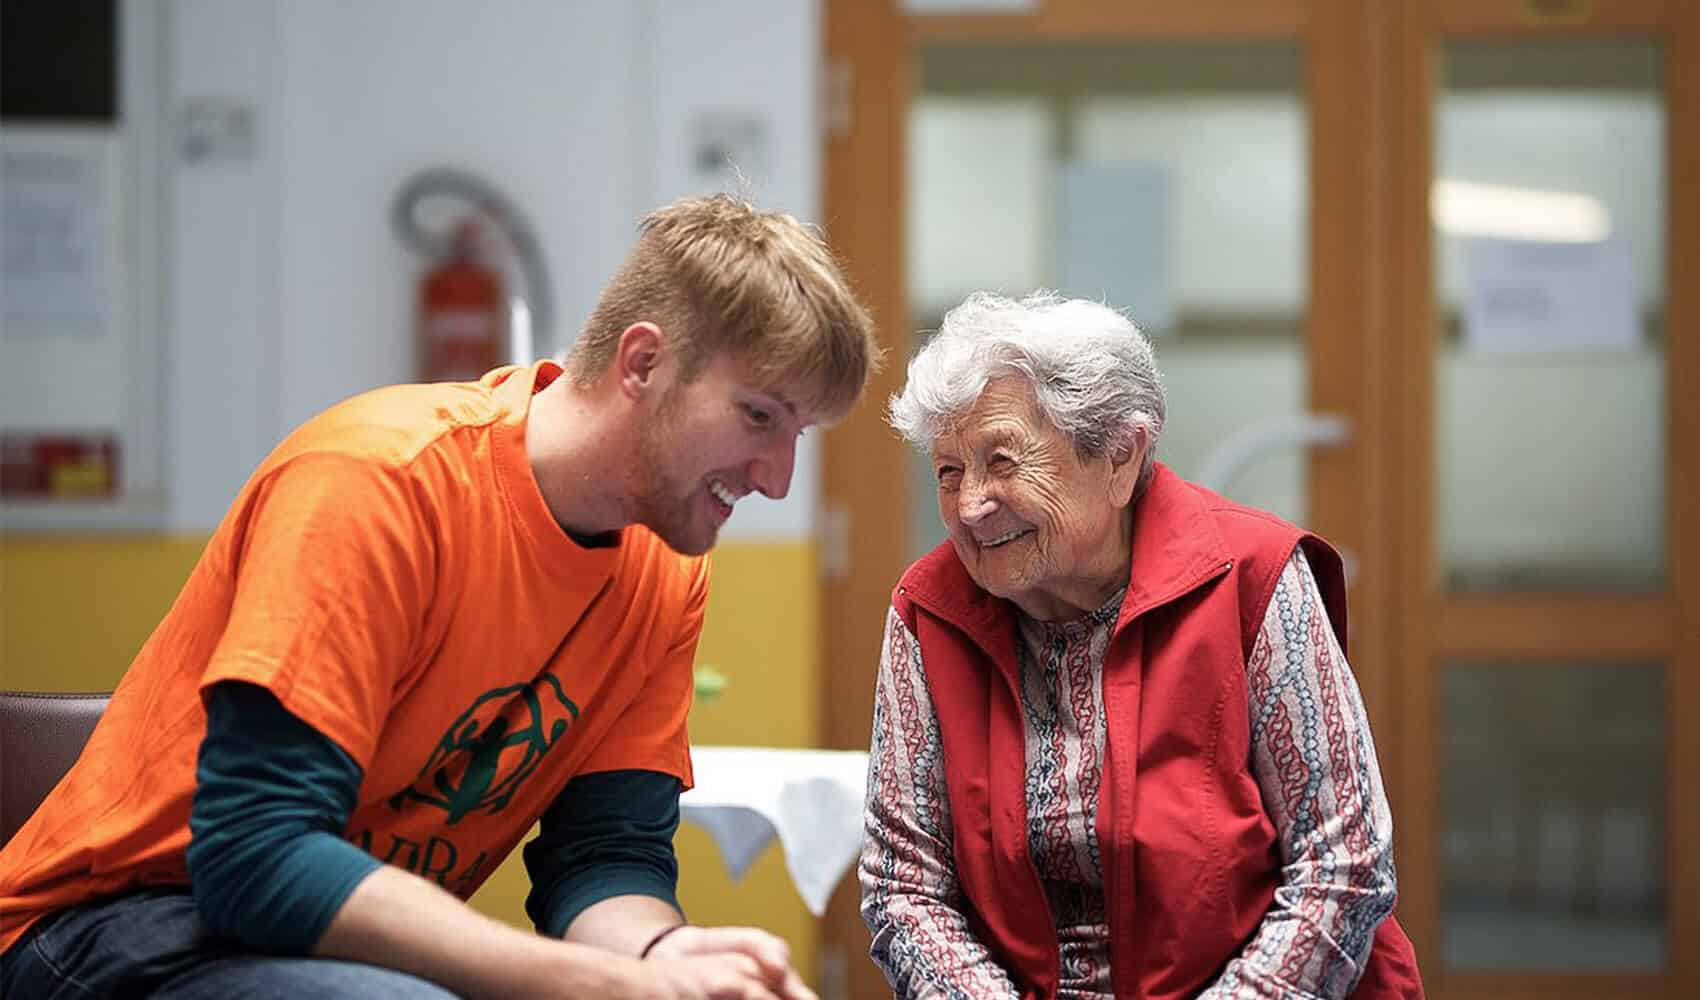 Dobrovolník ADRA si povídá se seniorkou